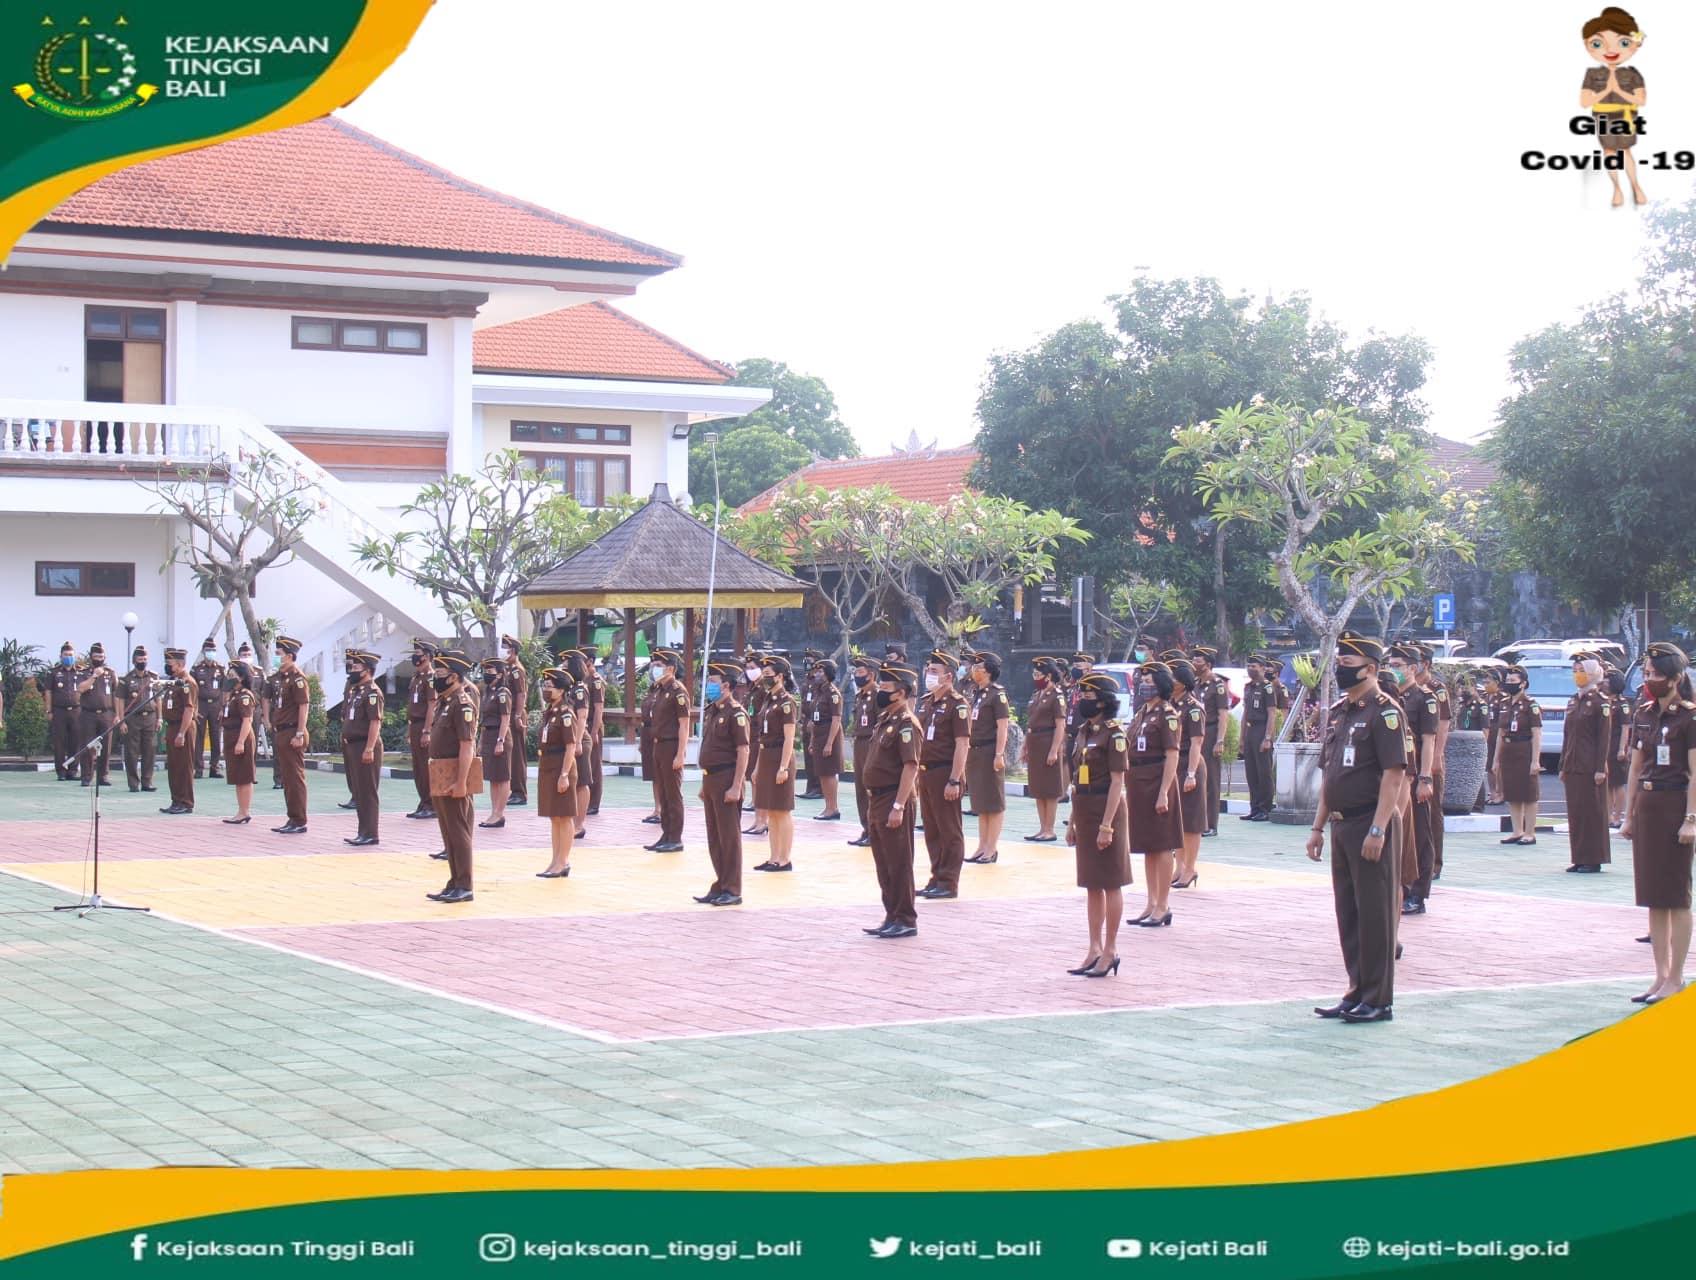 Apel Kerja, Senin, 29 Juni 2020, dilaksanakan para pegawai Kejaksaan Tinggi Bali. Sebagai pembina apel yaitu Wakil Kepala Kejaksaan Tinggi Bali, Asep Maryono, SH. M.H.